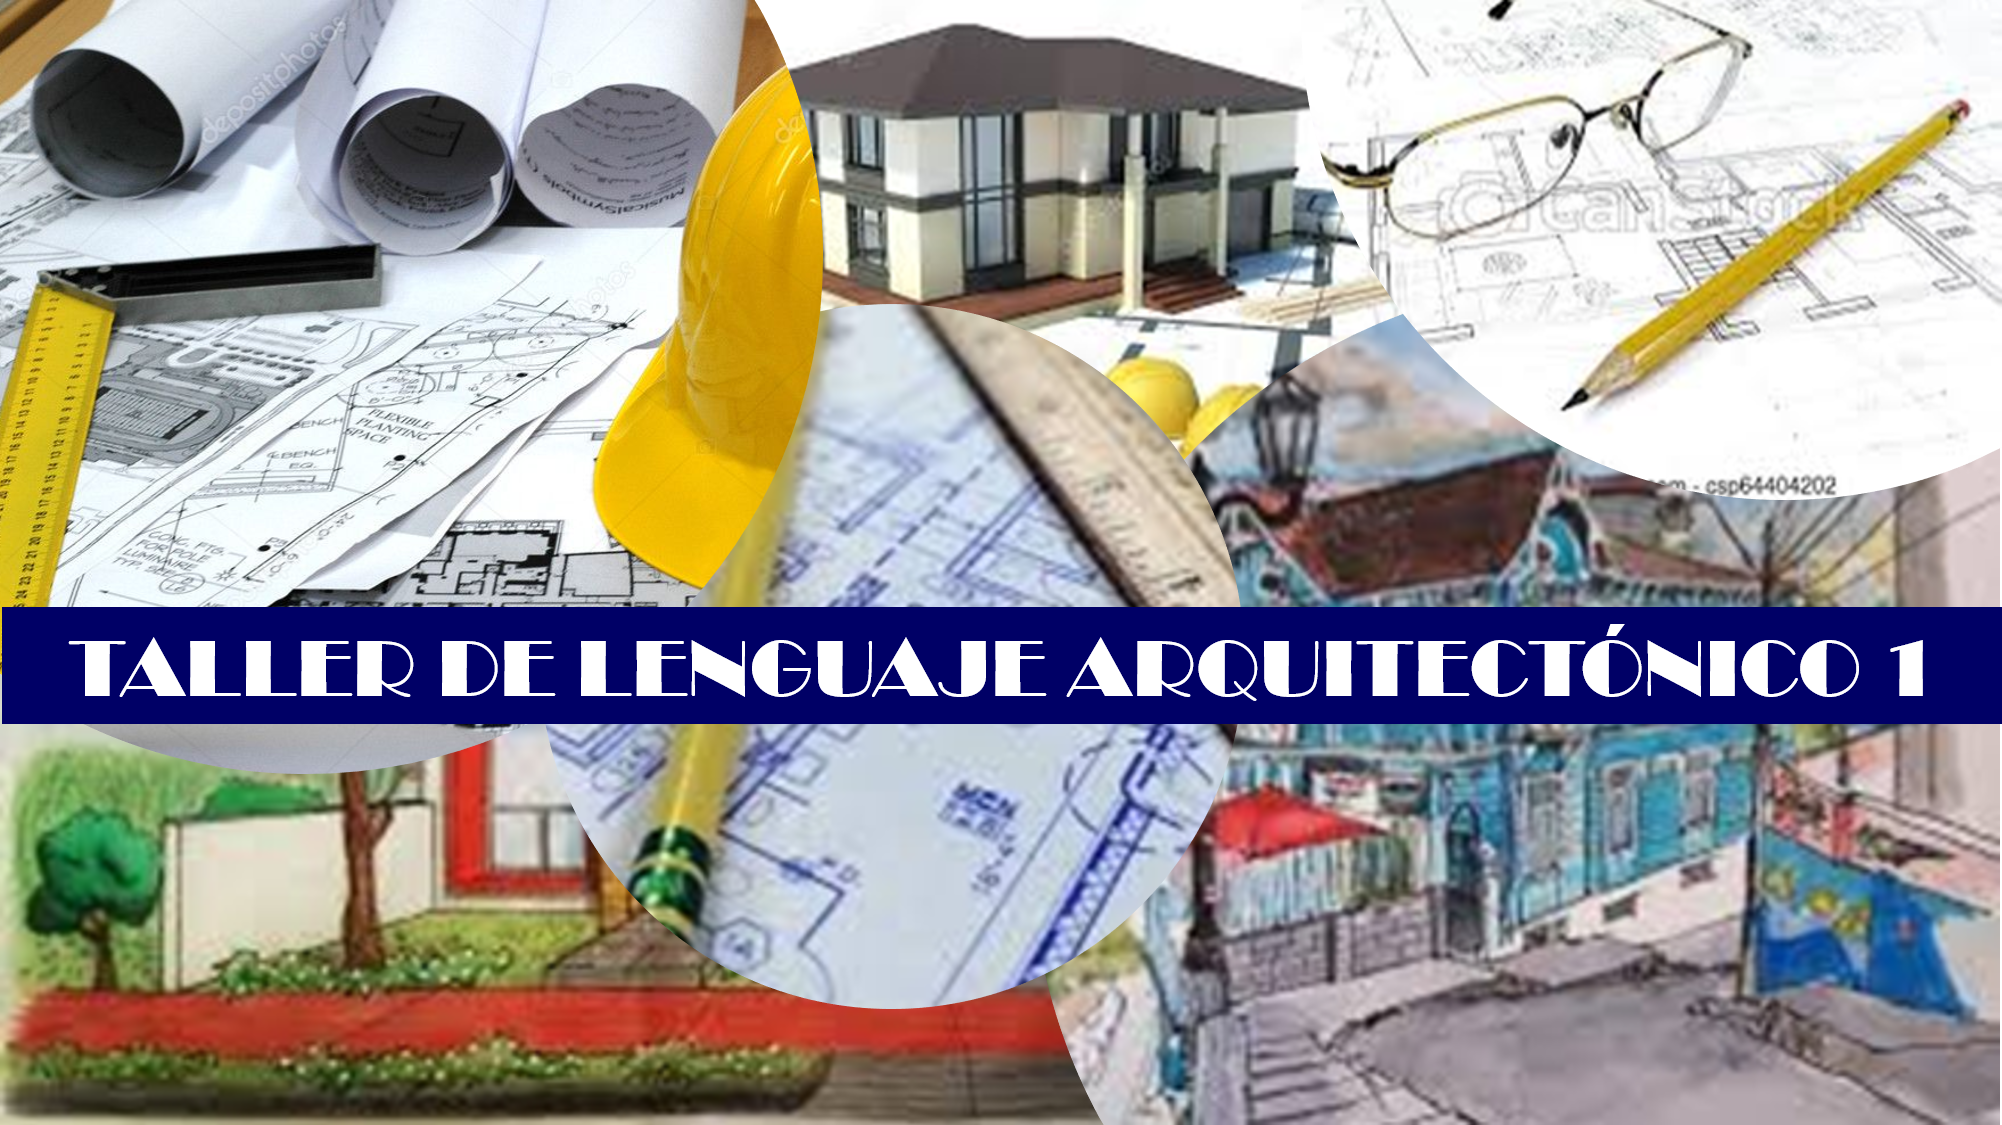 TALLER DE LENGUAJE ARQUITECTÓNICO 1 ENE-JUN 2021